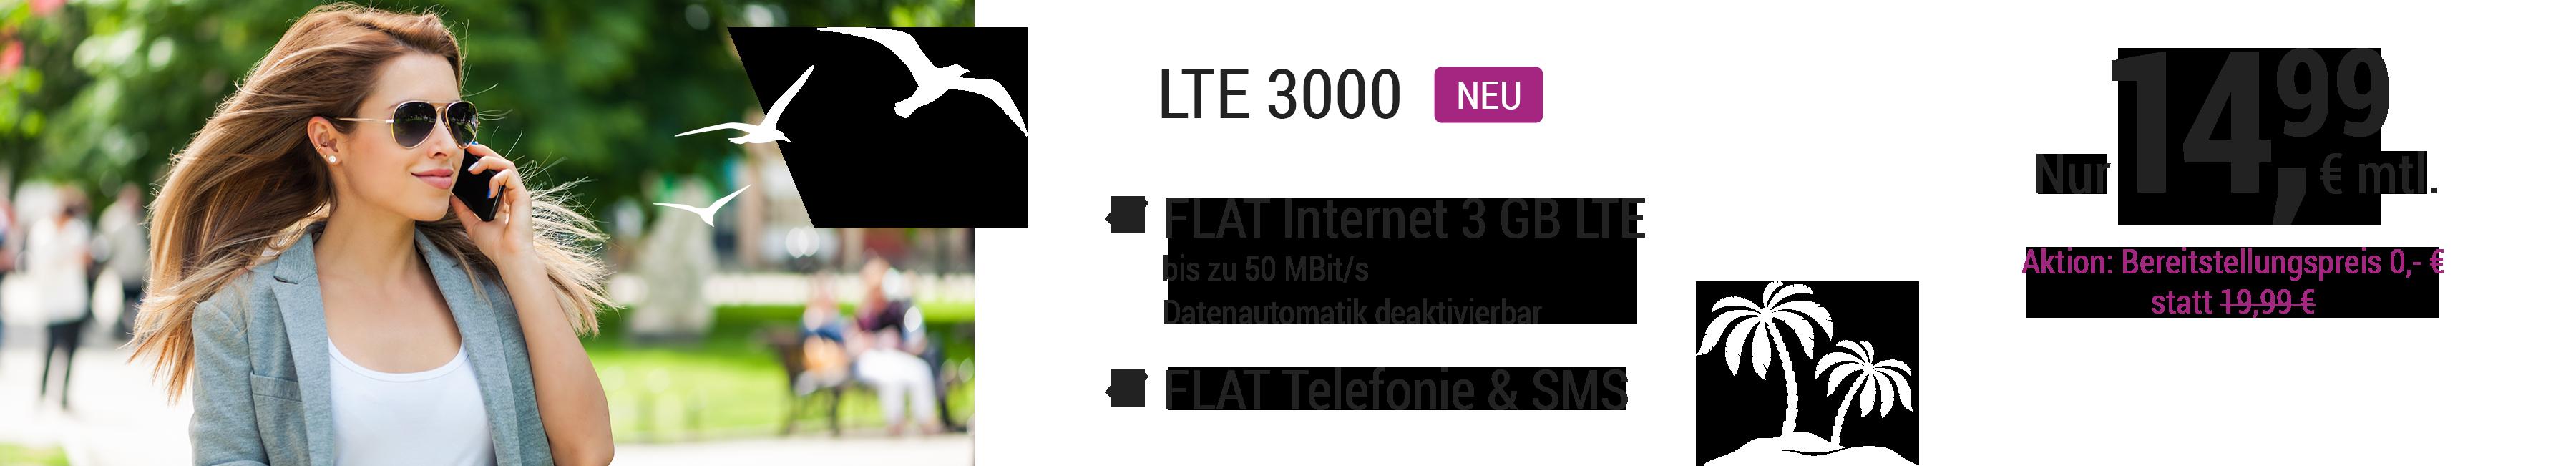 LTE 3000